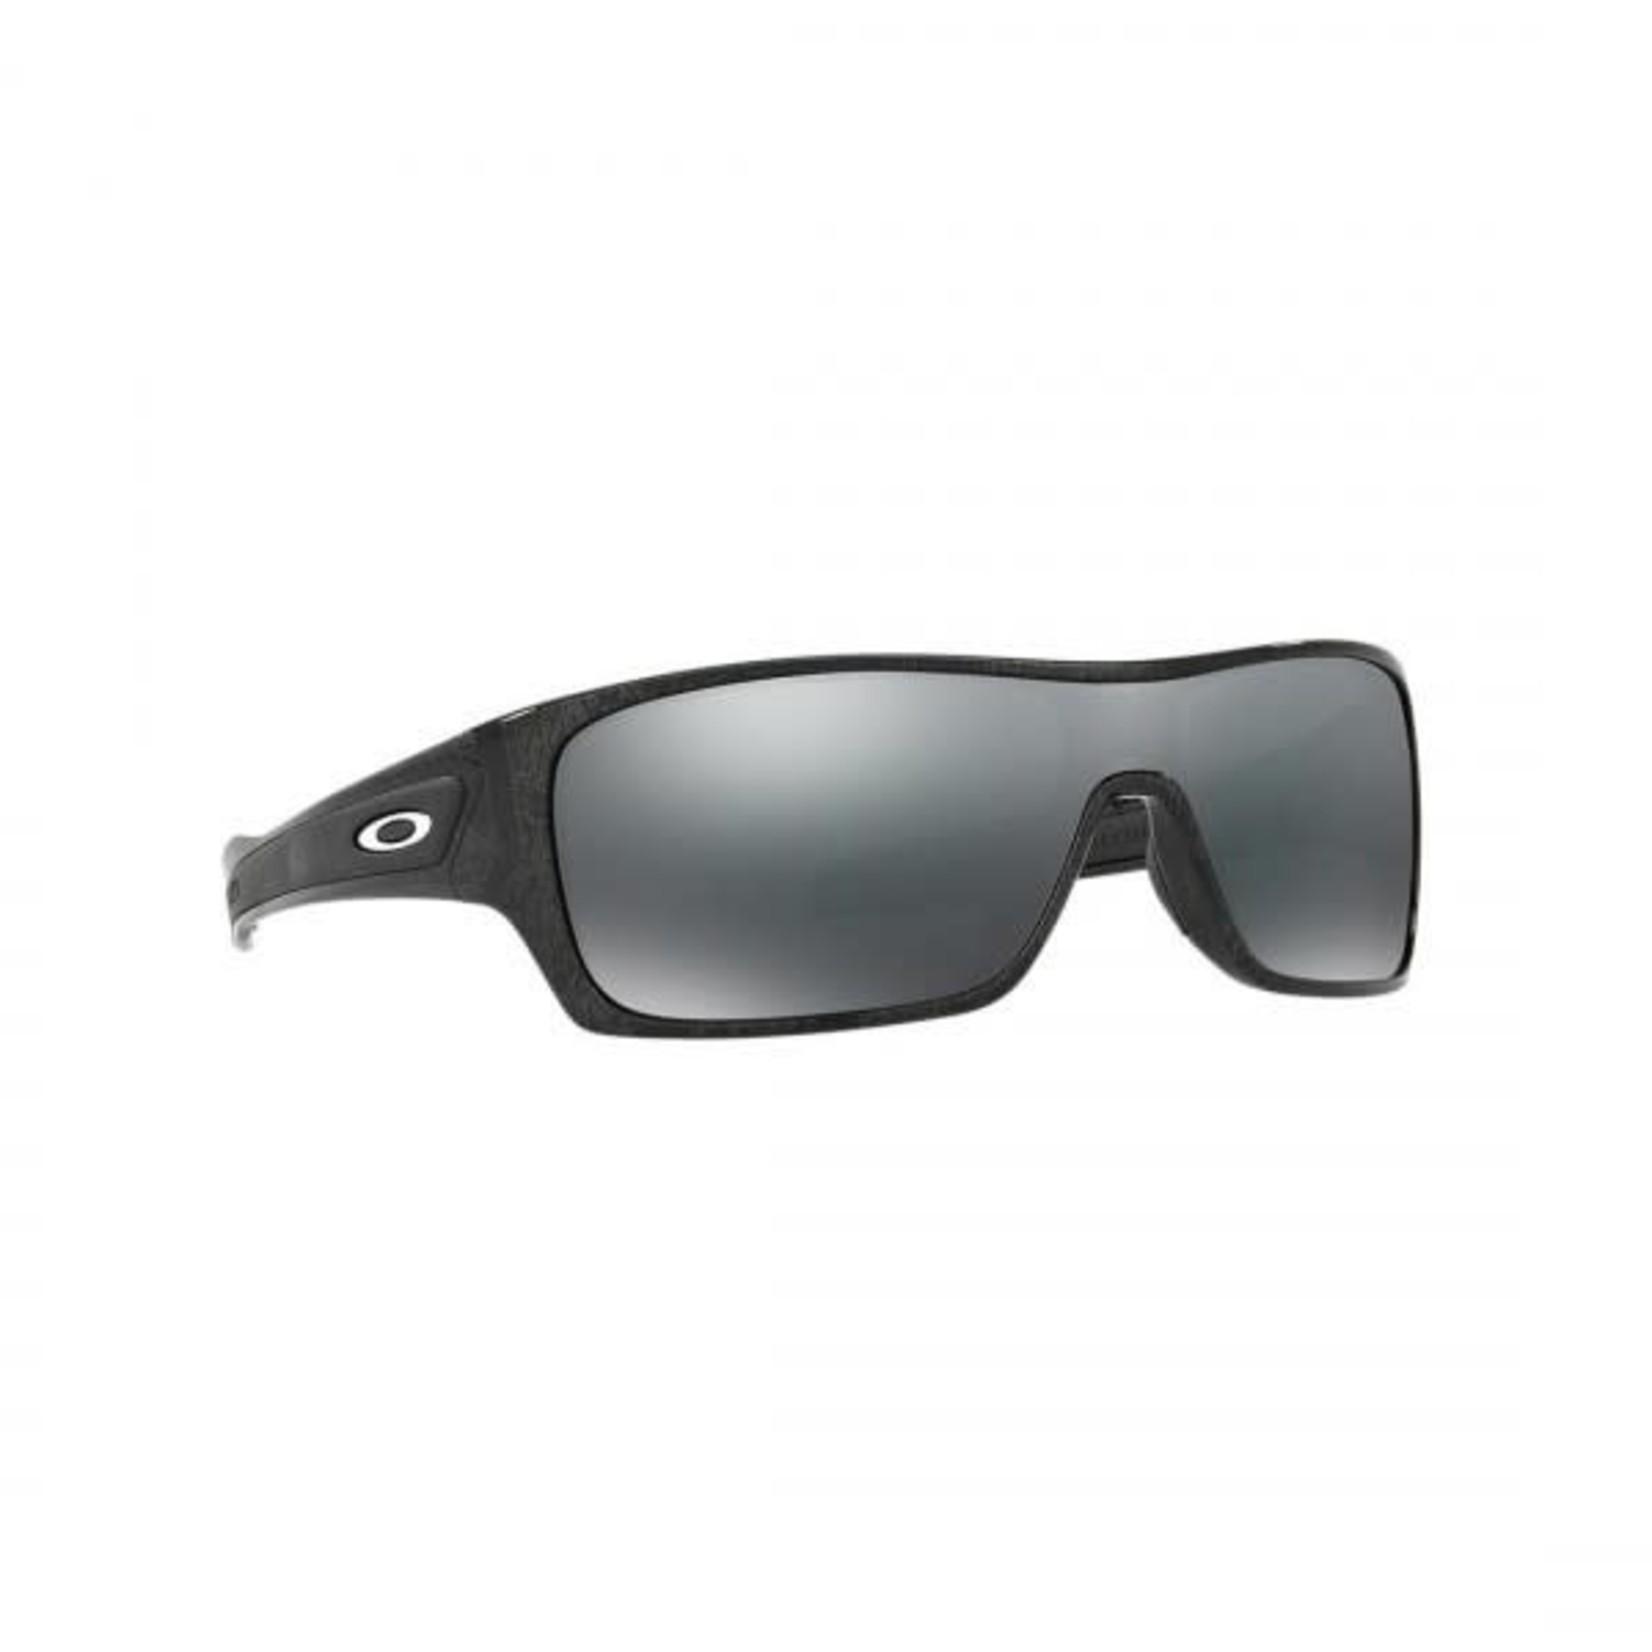 Oakley Oakley Men's Sunglasses-Turbine Rotor